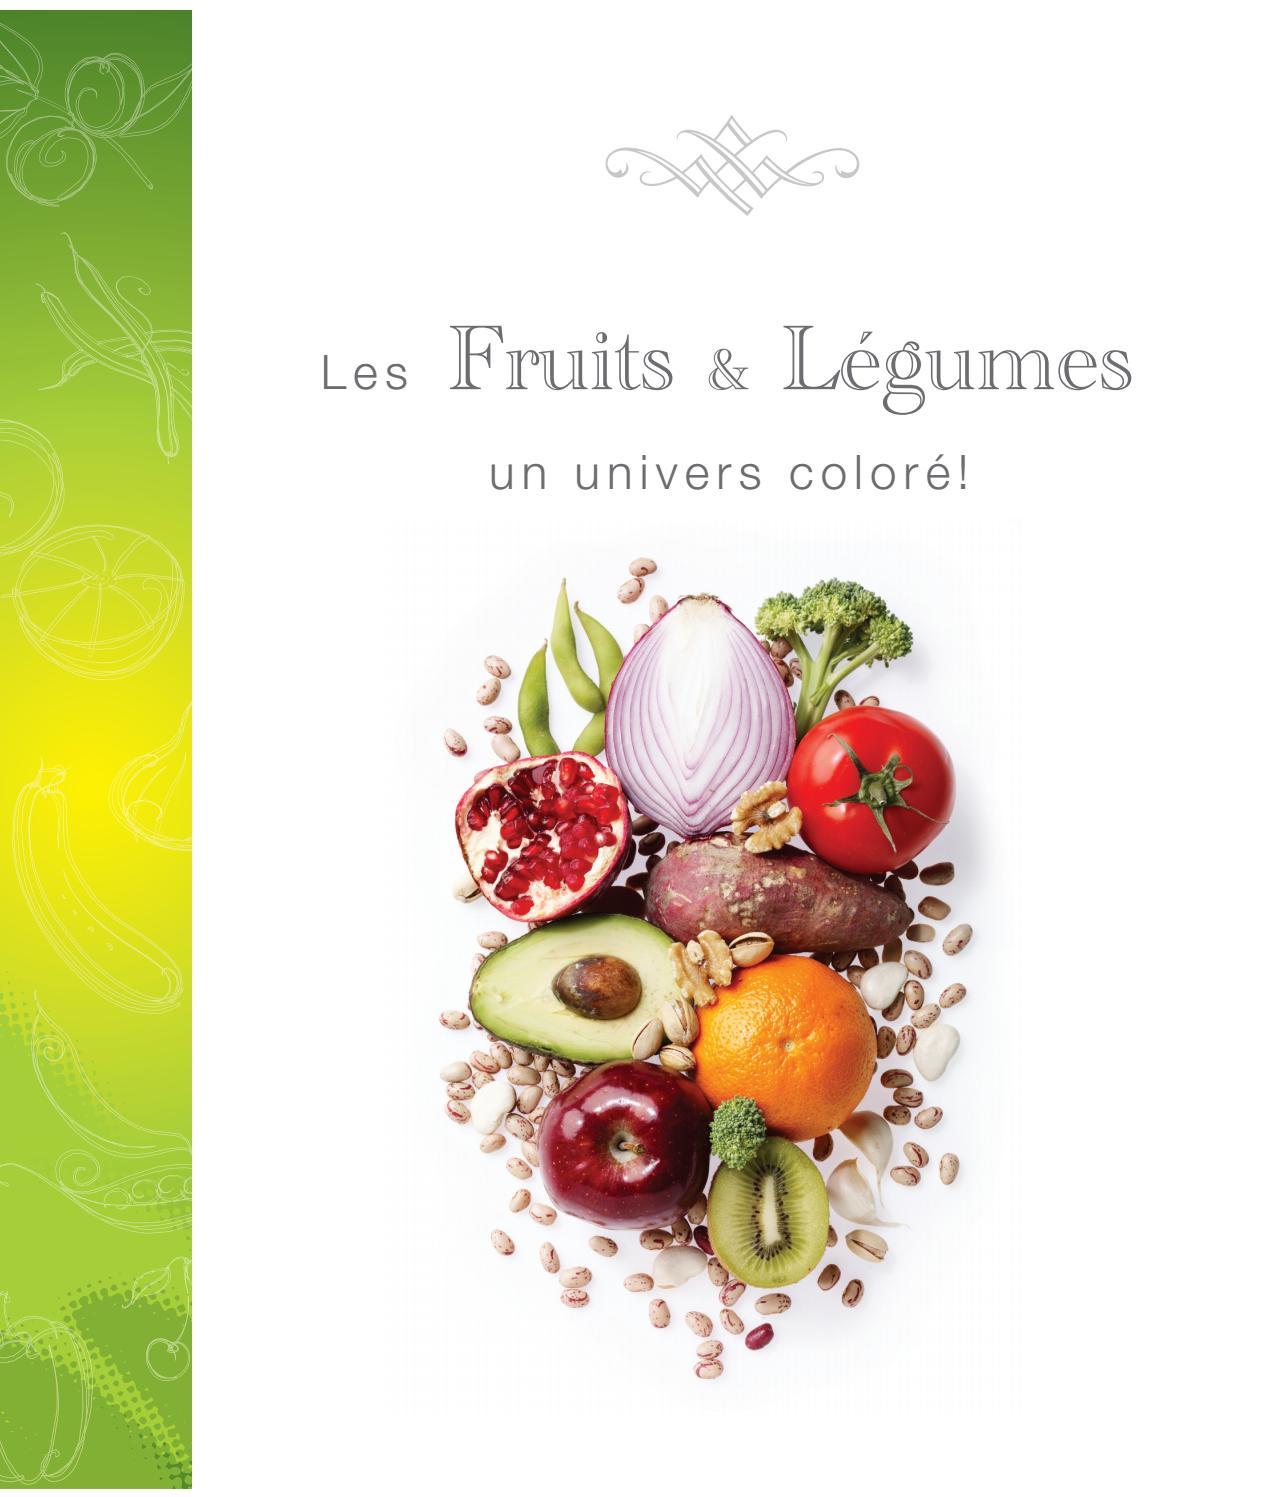 8 Bienfaits du Jicama pour la santé et la nutrition - Guide Recettes Guide Recettes